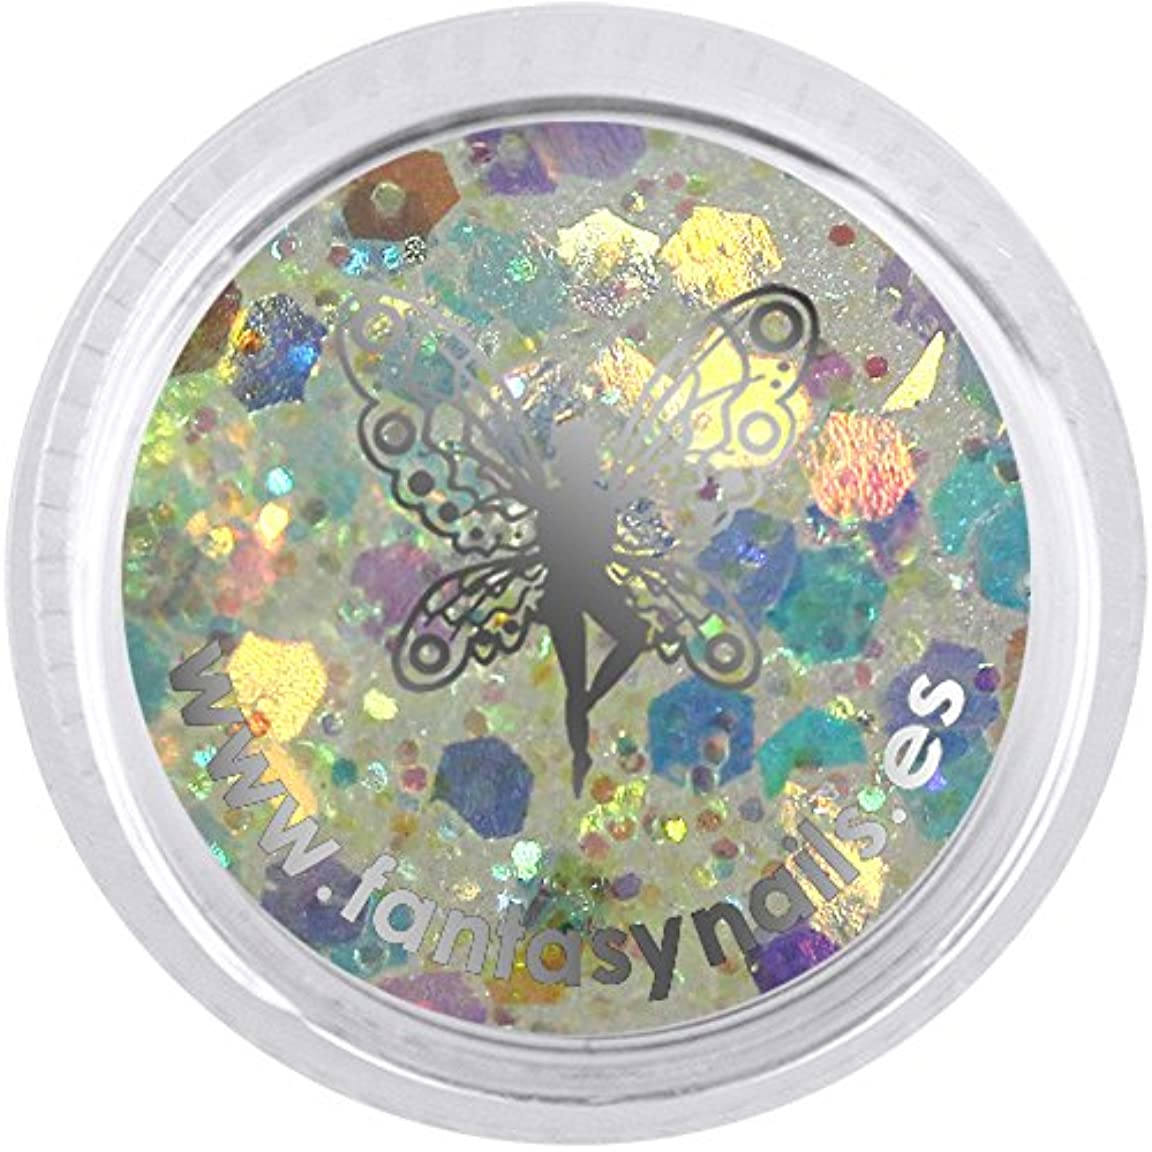 時系列ヒューム水っぽいFANTASY NAIL トウキョウコレクション 3g 4220XS カラーパウダー アート材